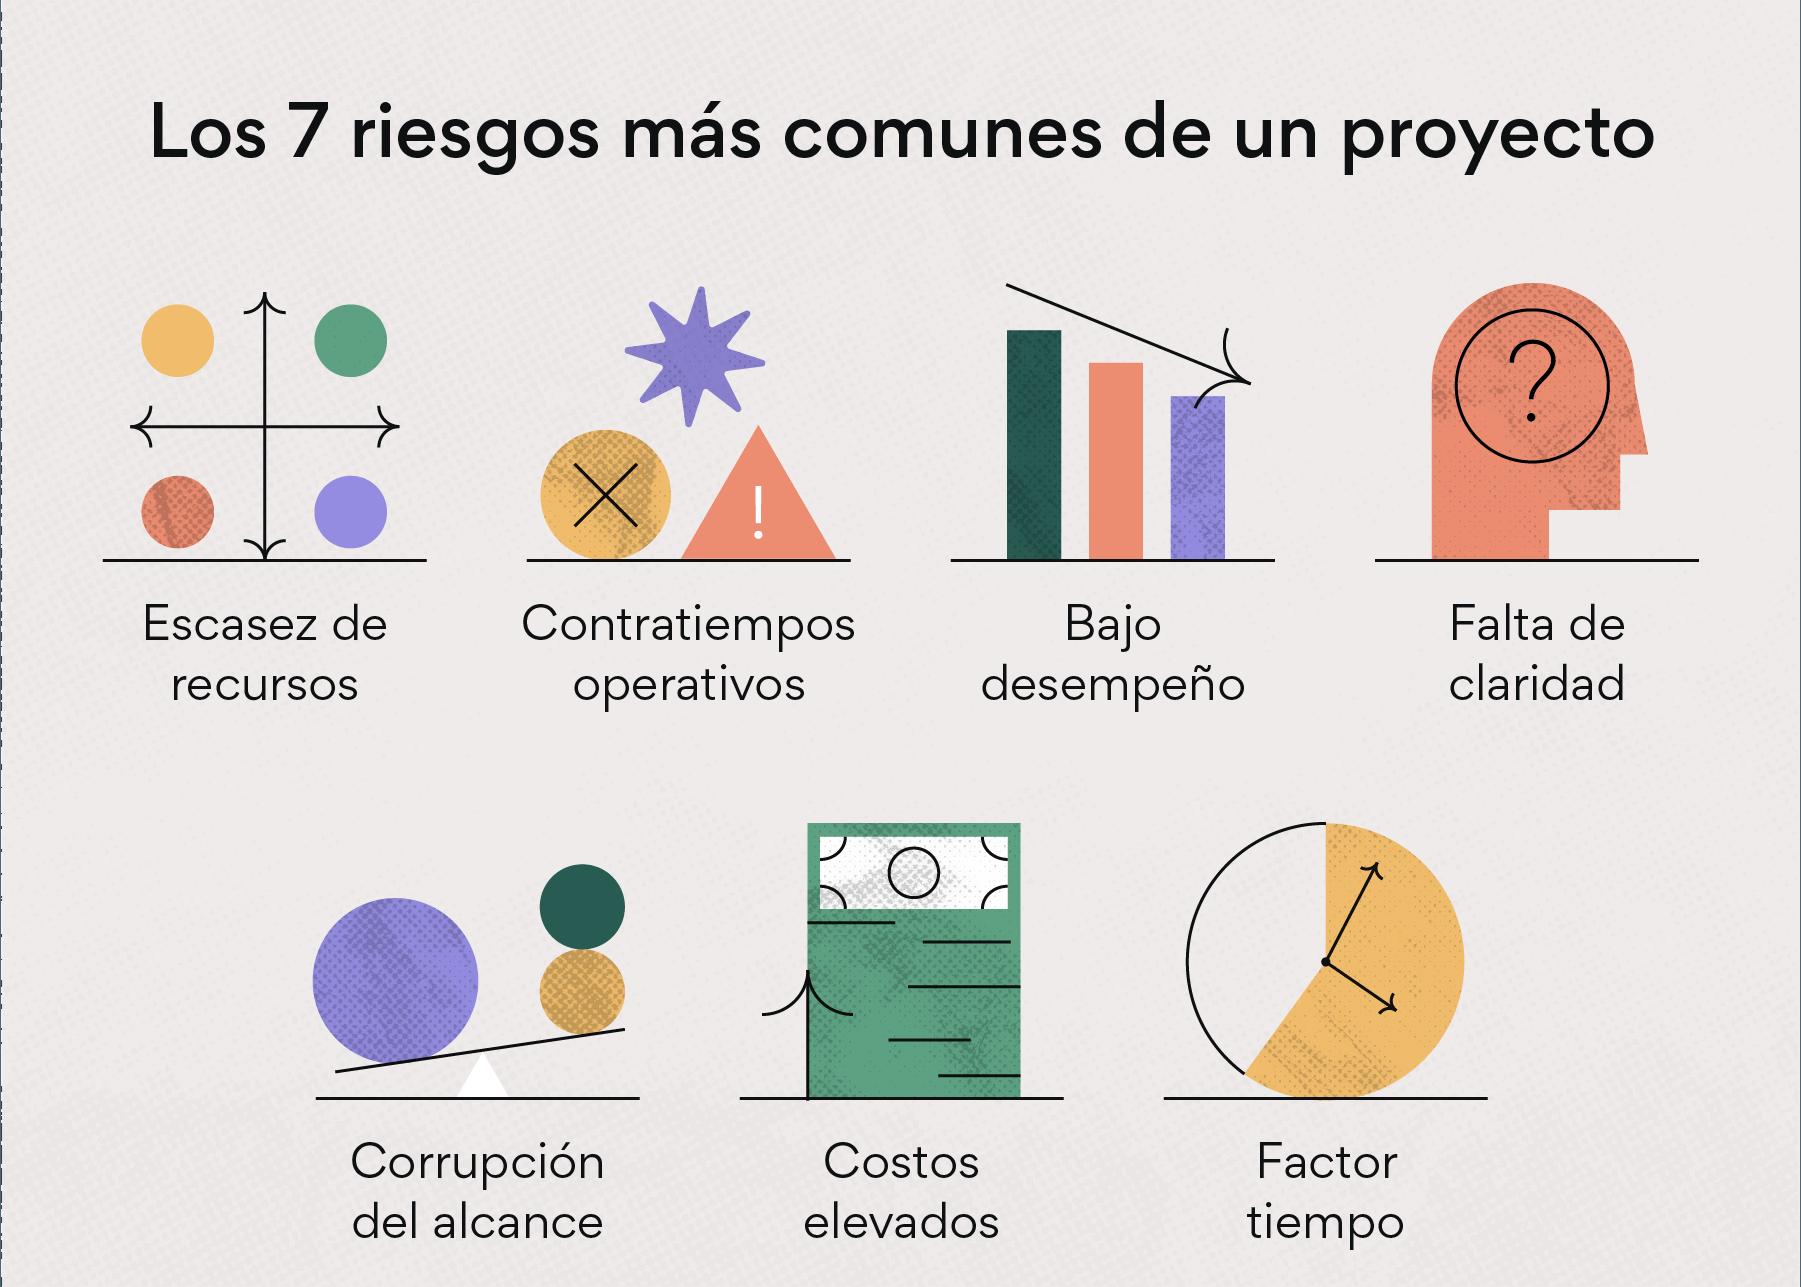 7 riesgos comunes de un proyecto